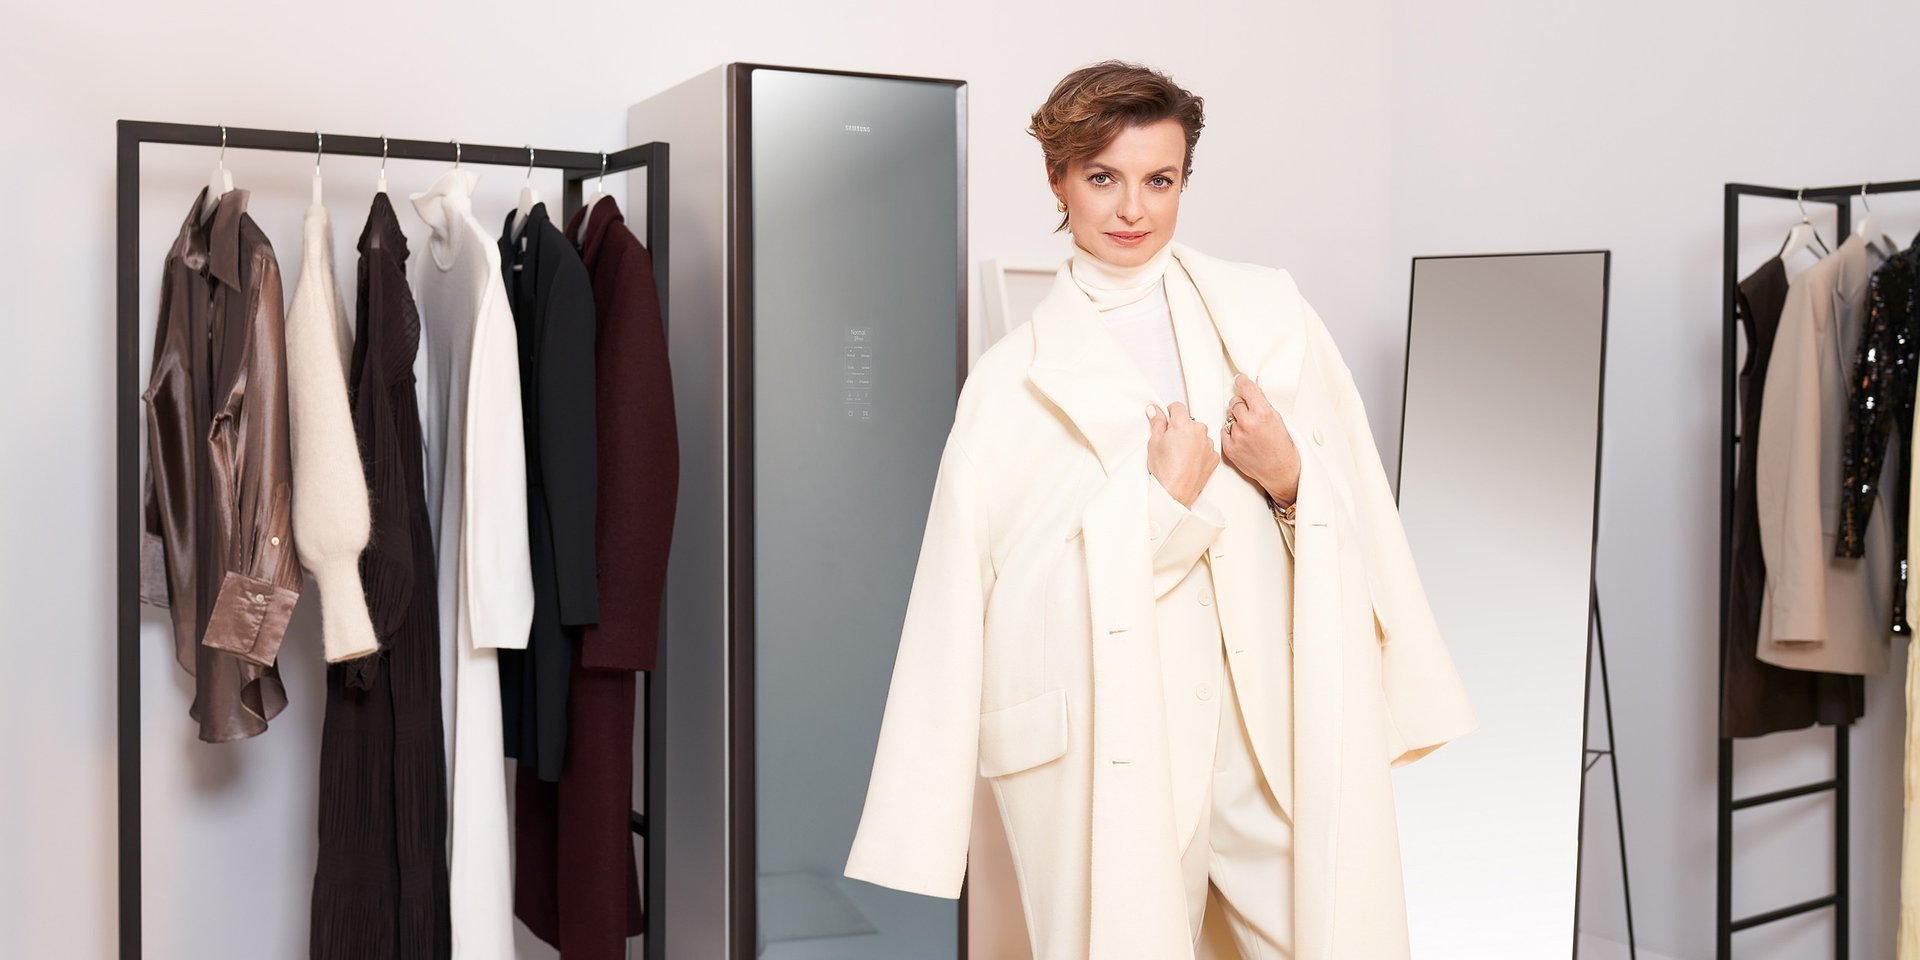 Gotowa na całe spektrum możliwości: Kasia Sokołowska ambasadorką szafy odświeżającej ubrania Samsung AirDresser